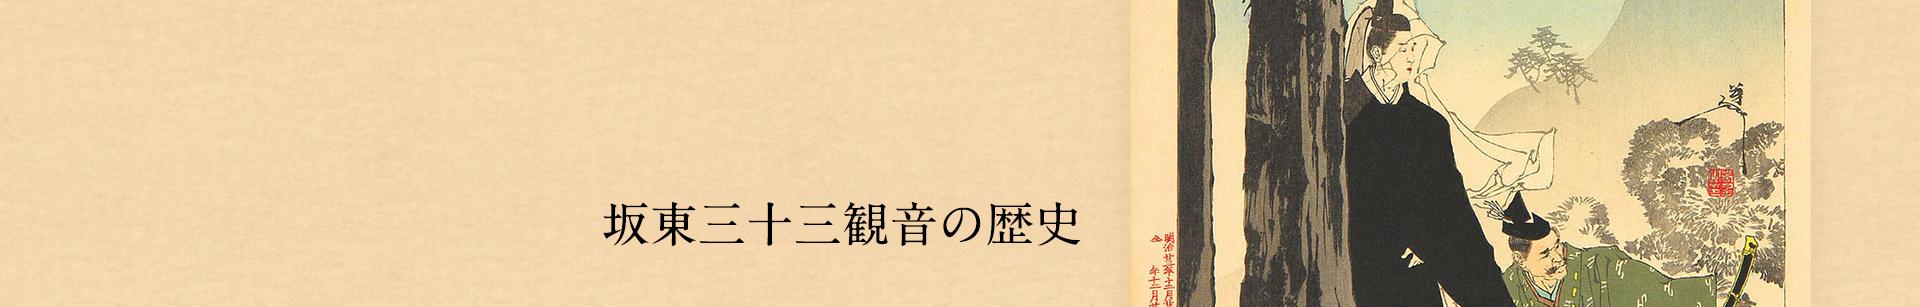 坂東三十三観音の歴史